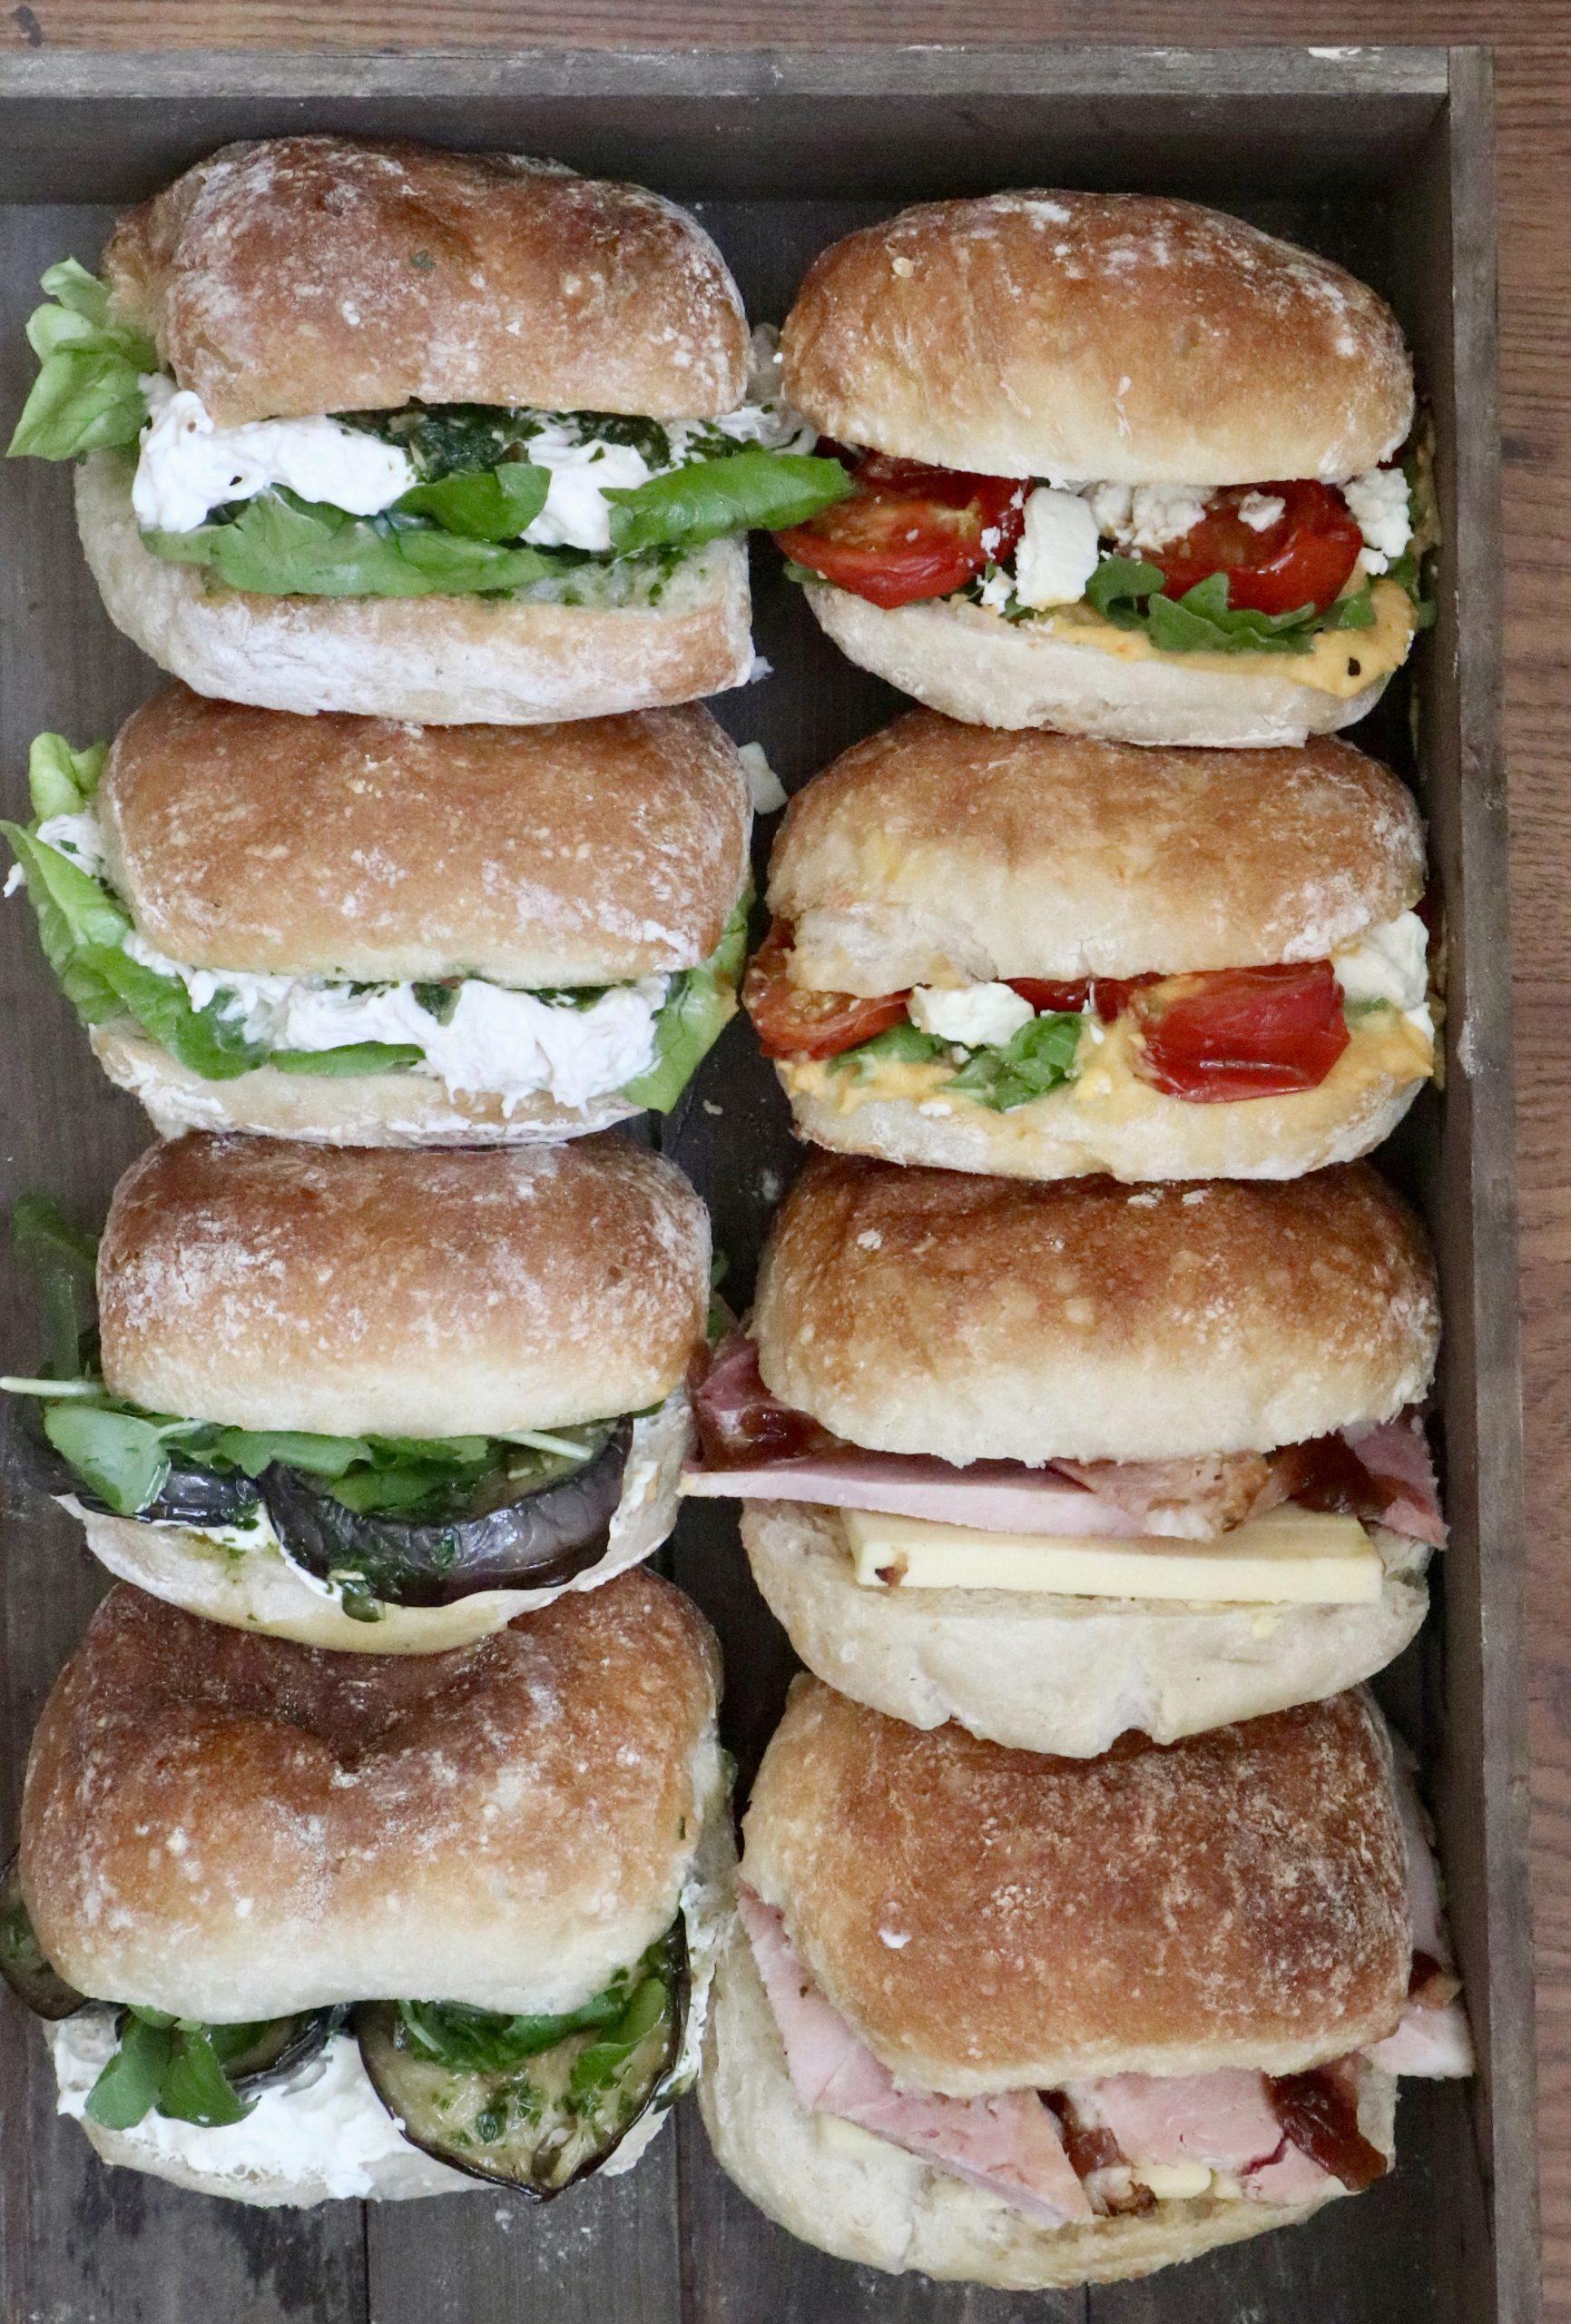 Sandwiches corporate catering menu